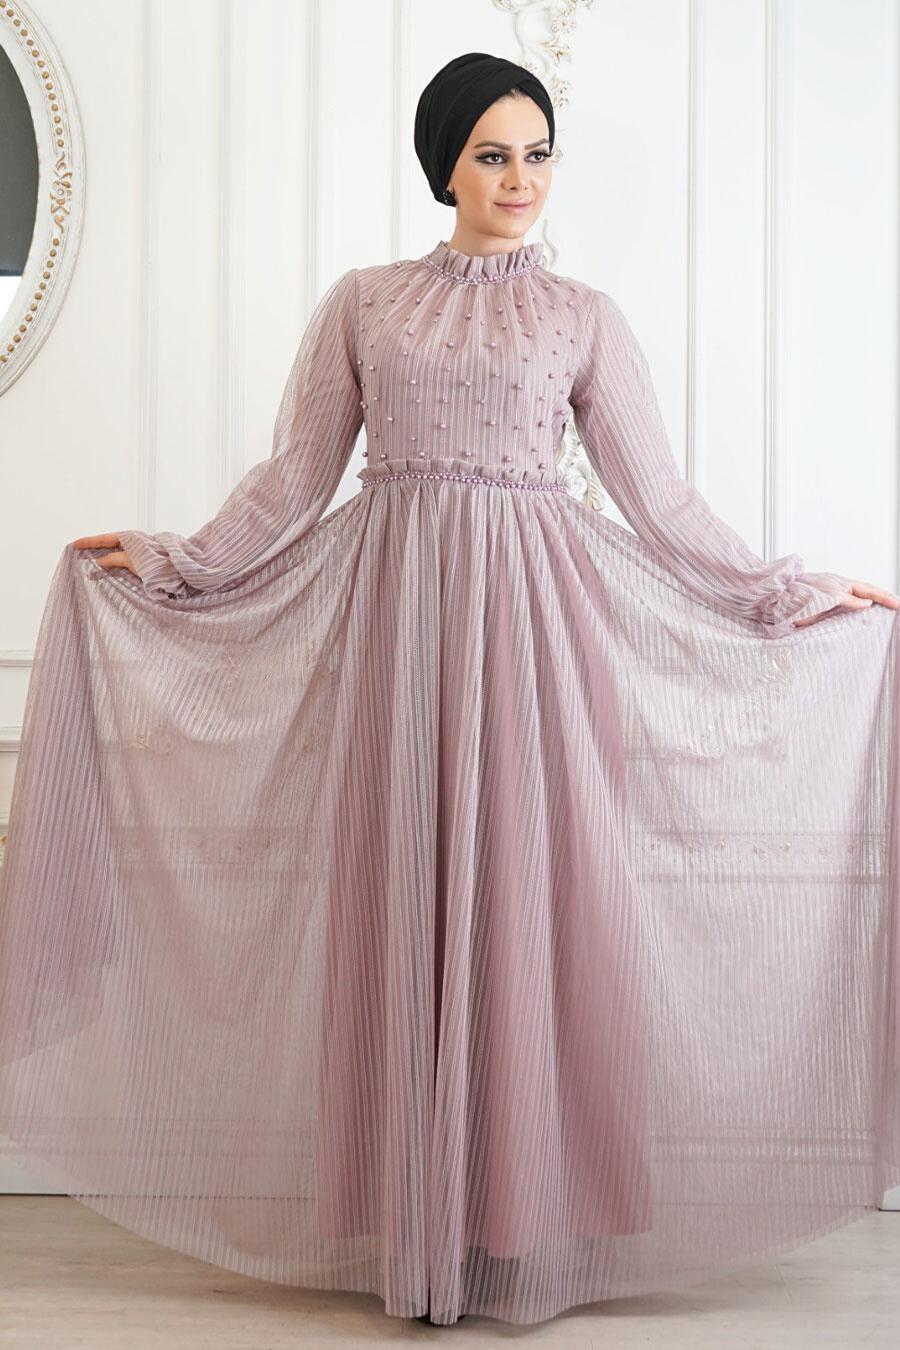 Tesettürlü Abiye Elbise - Boncuk Detaylı Pudra Tesettür Abiye Elbise 22450PD